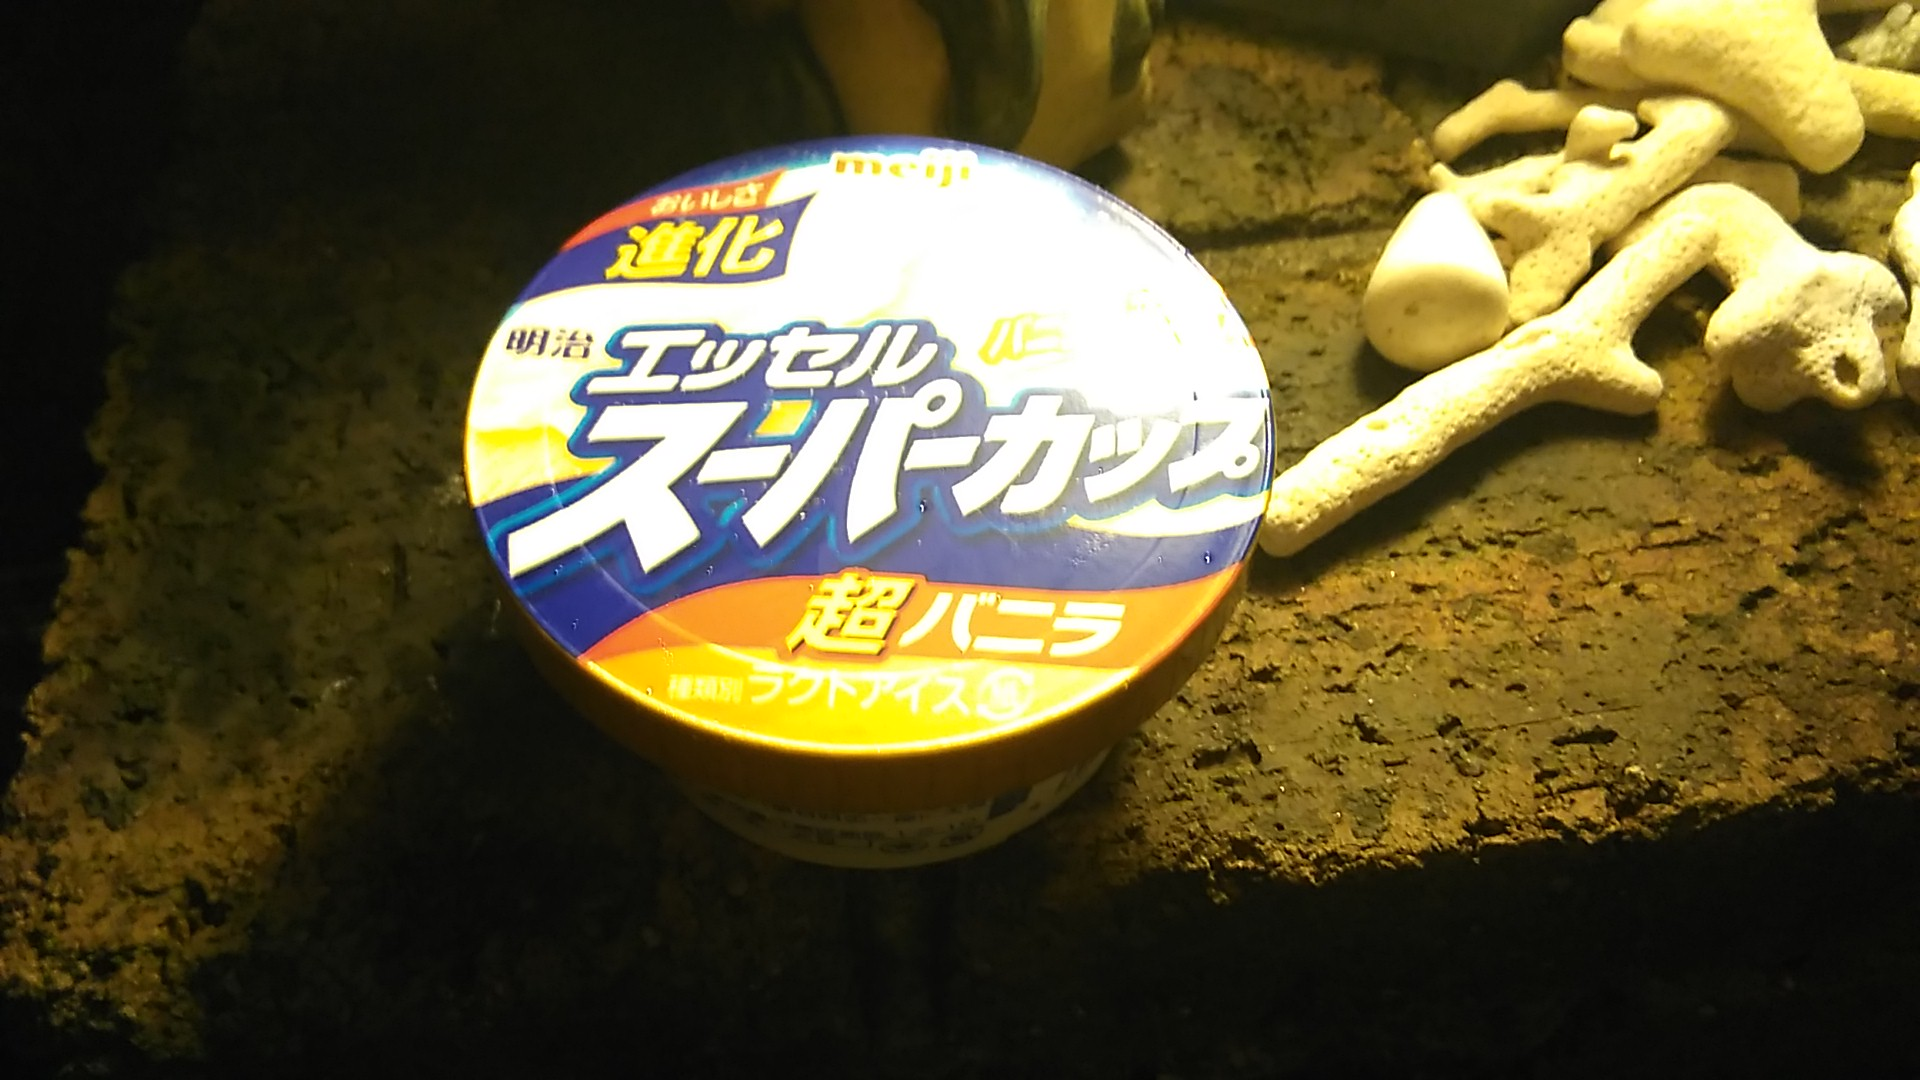 WP_20160201_22_35_11_Pro_アイスを食べる日